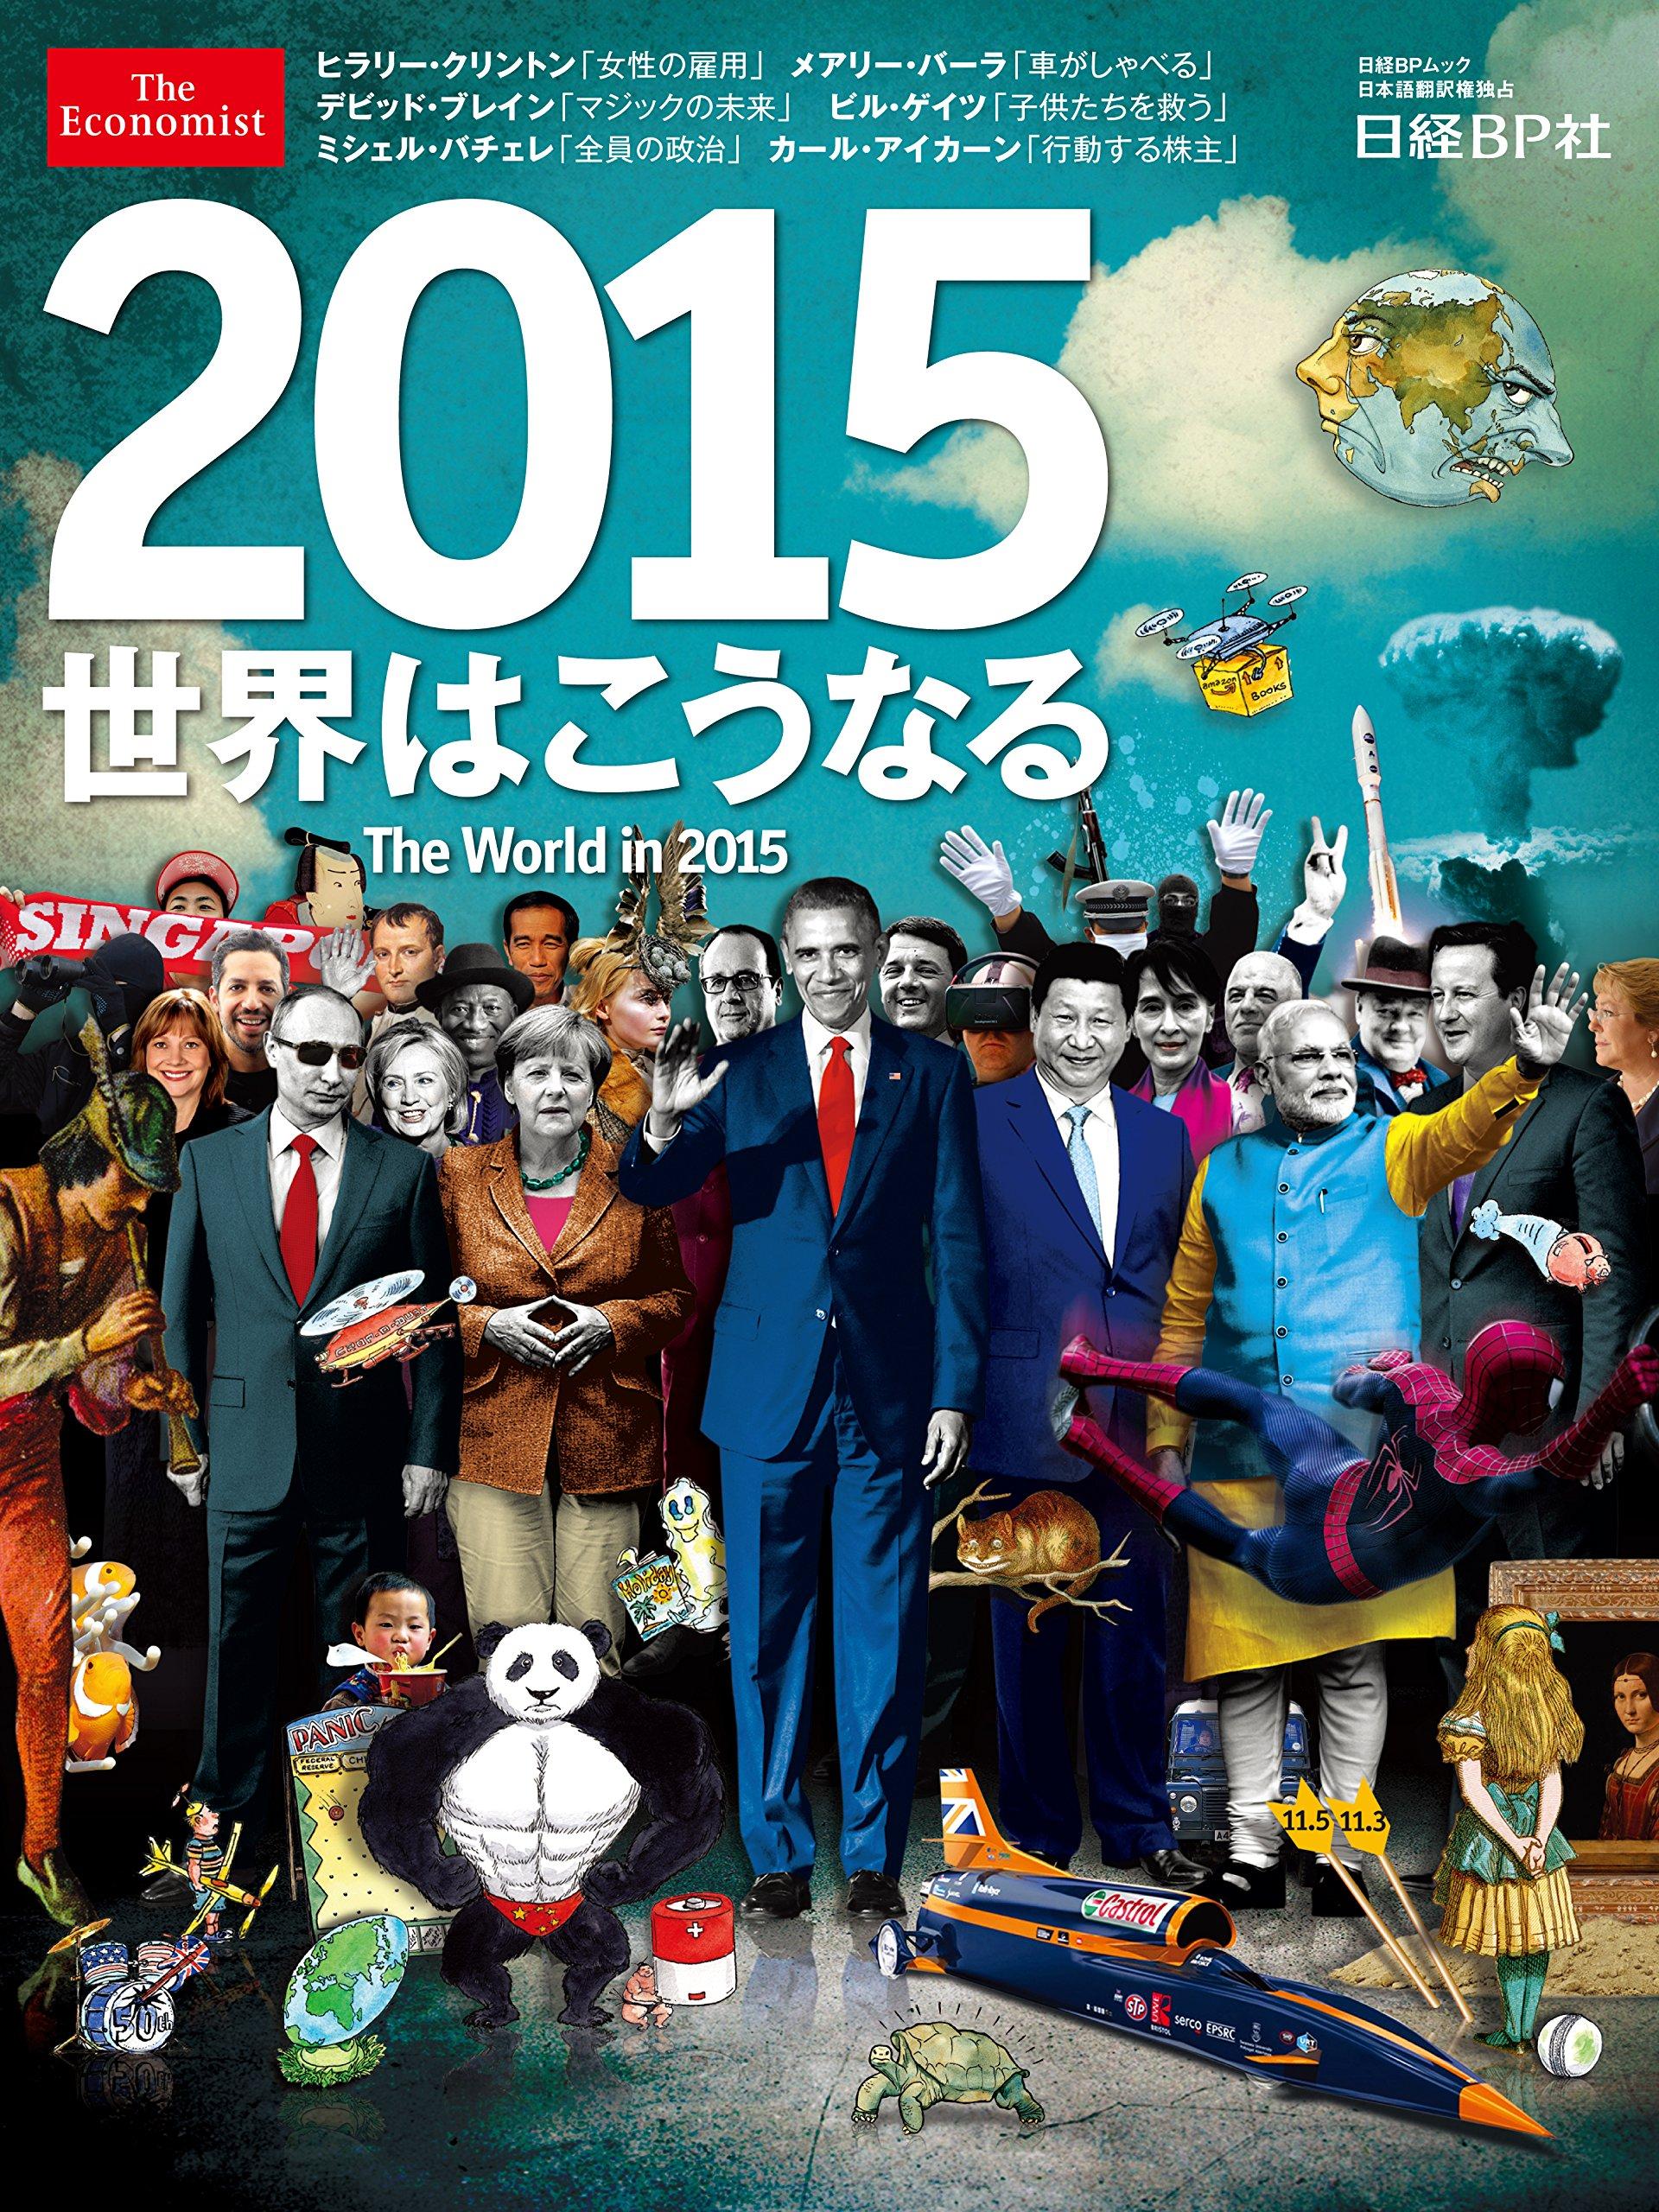 2015 世界はこうなる The World in 2015